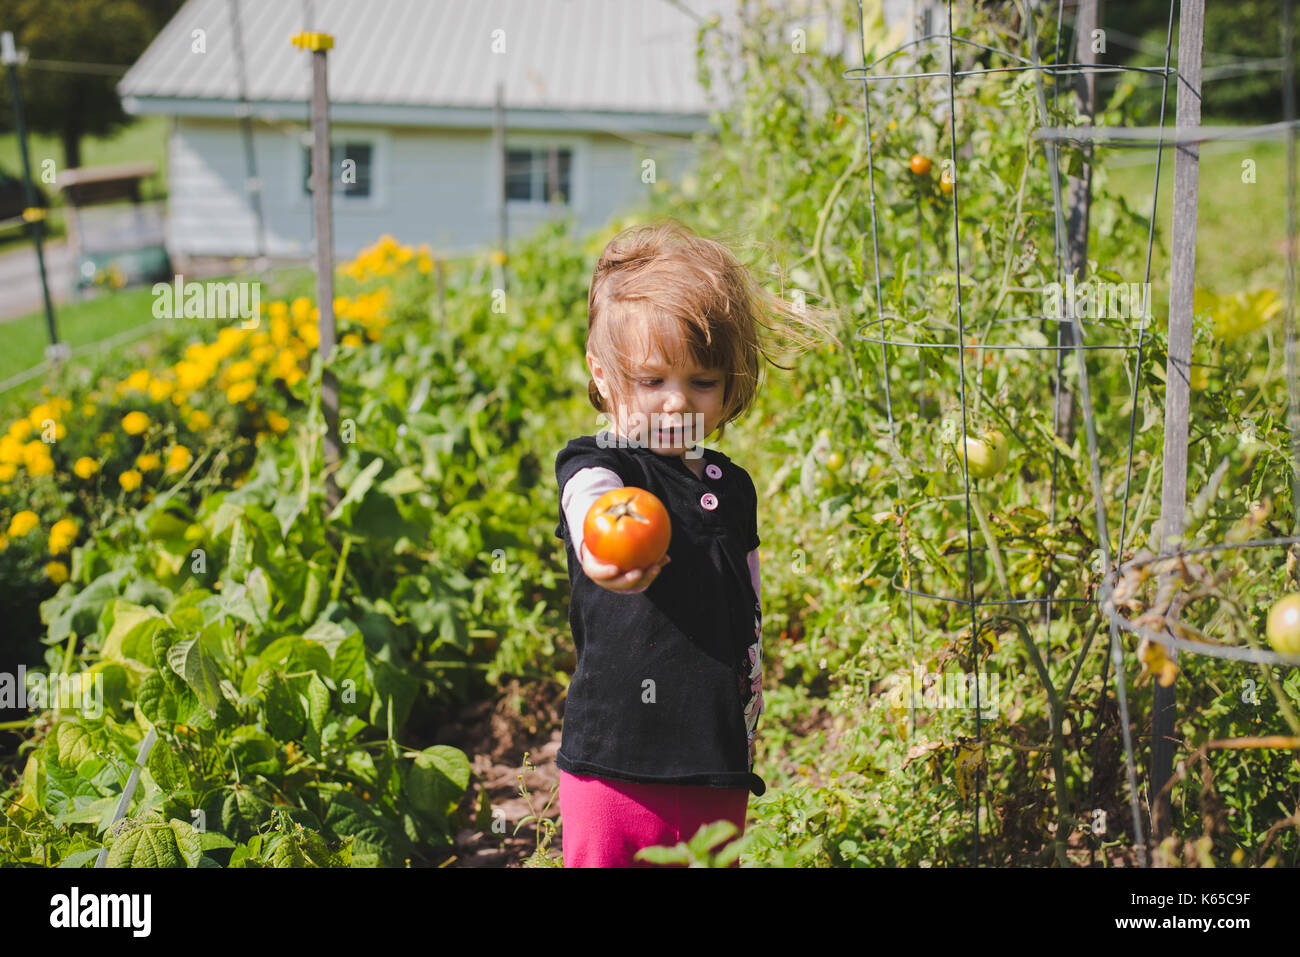 Una niña sostiene un tomate en la mano después de la recolección de la gardne. Foto de stock